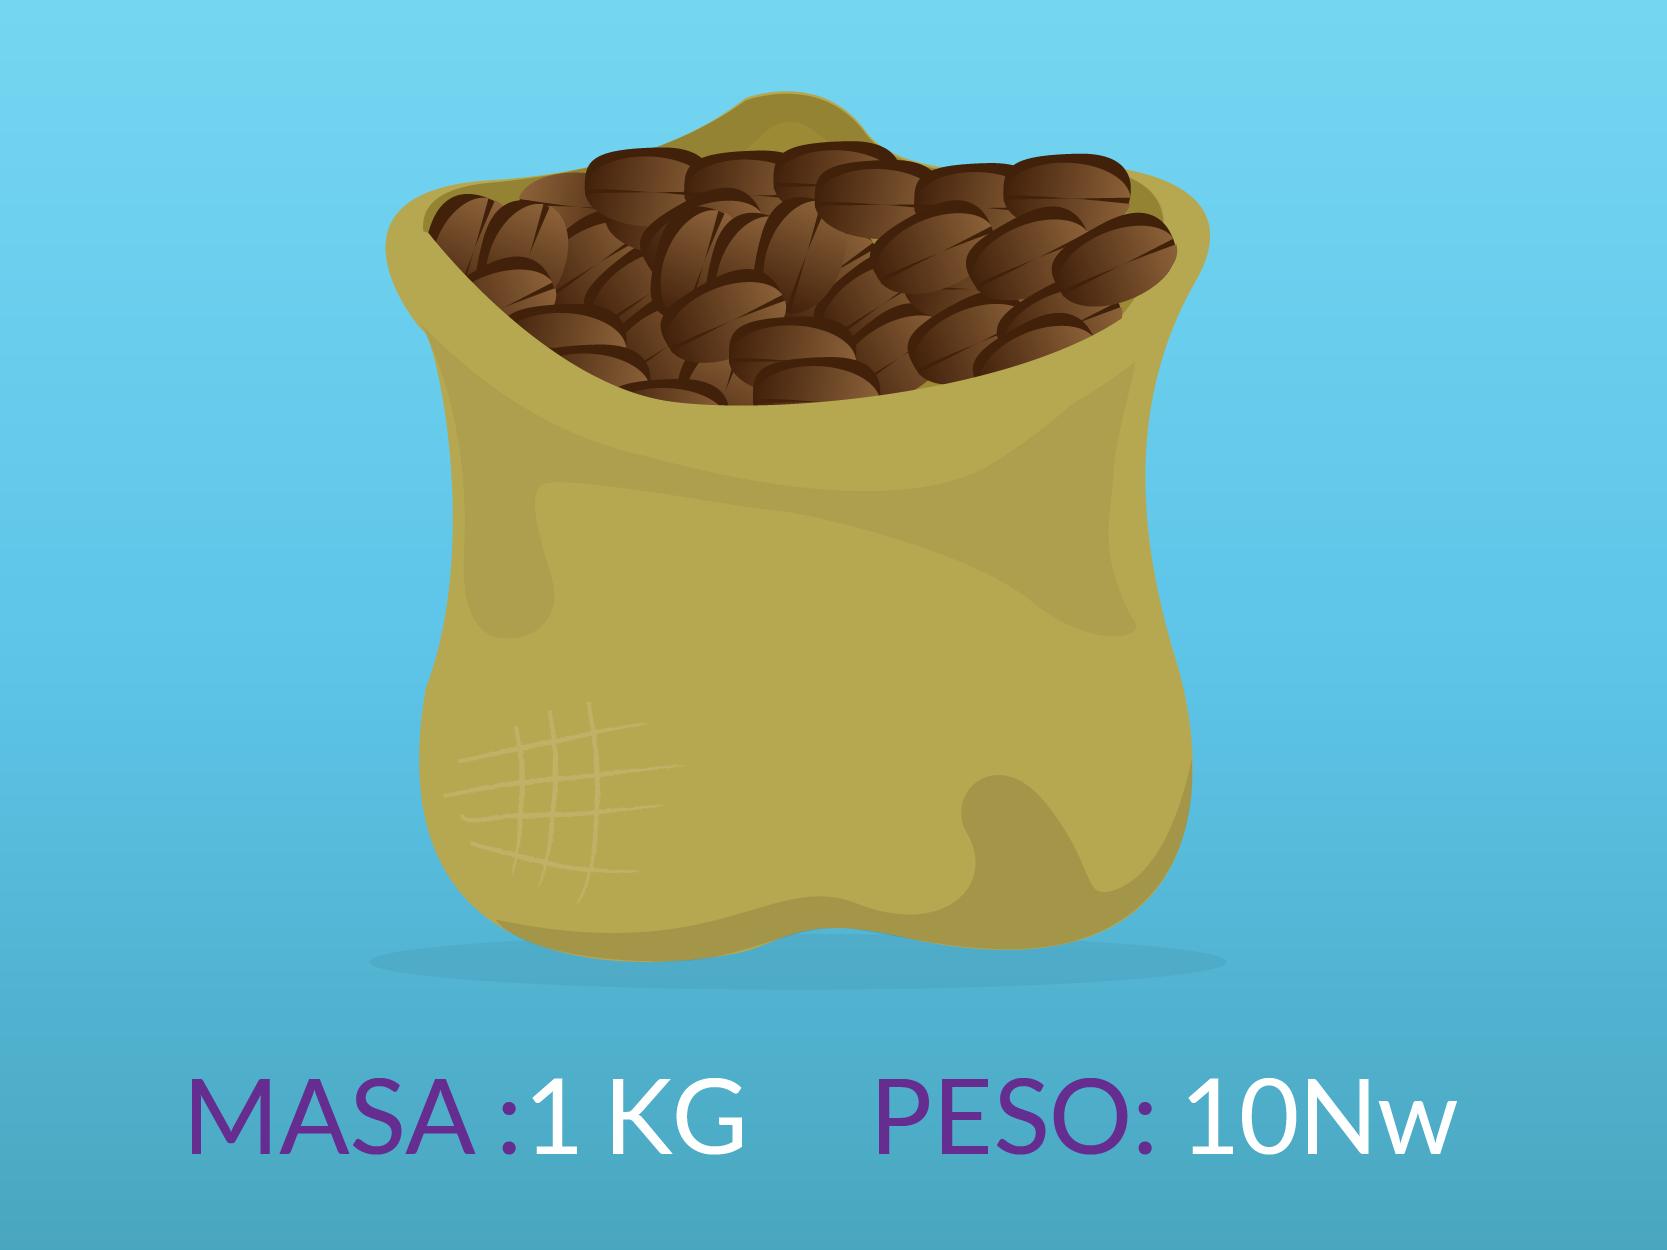 Un saco con una masa de 1 kilo tiene un peso de 10 Newtons.